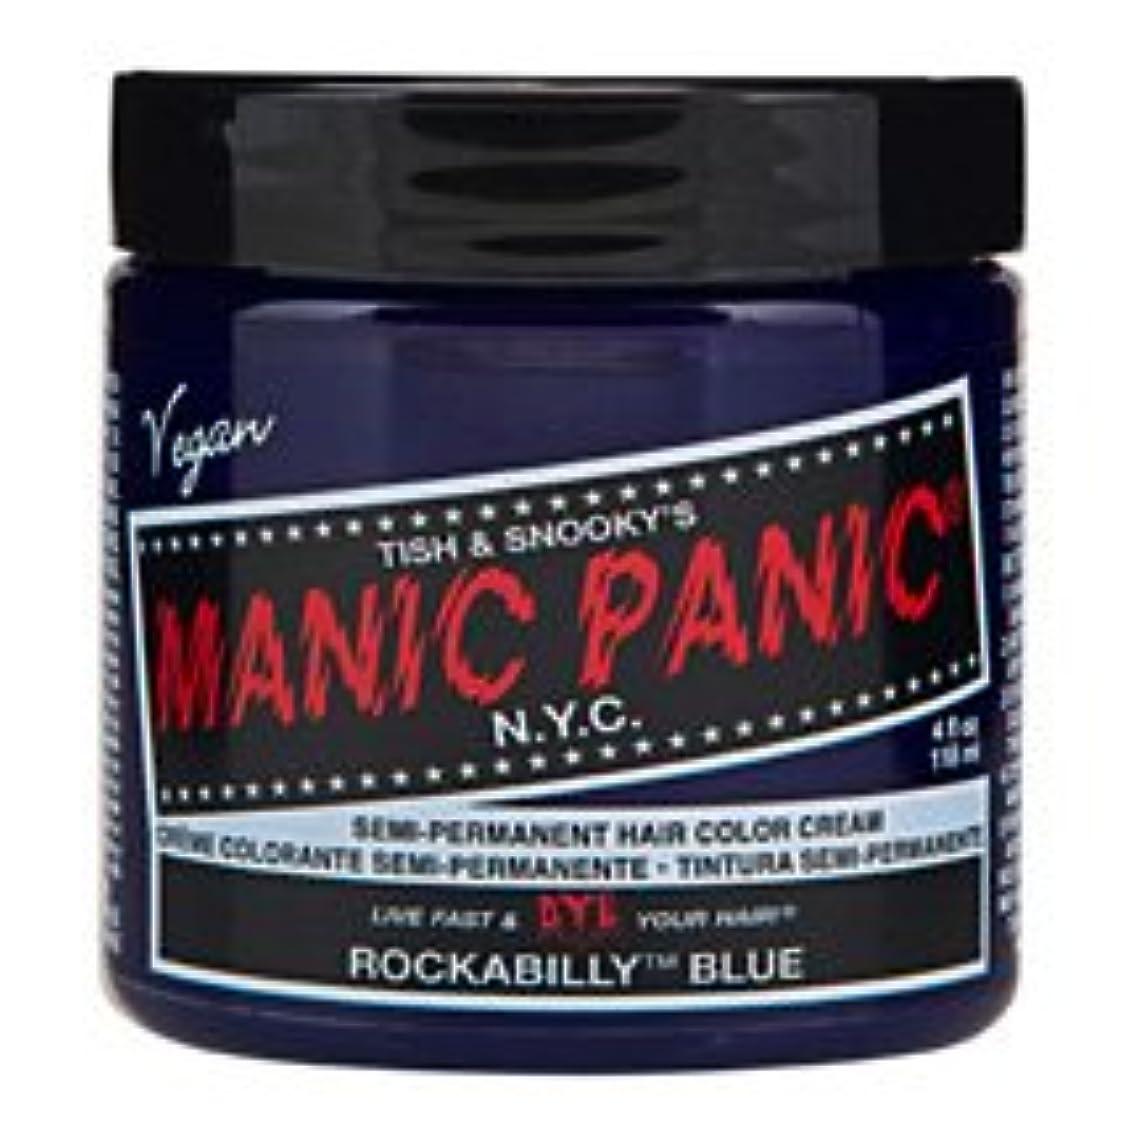 雪だるまプレート回想スペシャルセットMANIC PANICマニックパニック:Rockabilly Blue (ロカビリーブルー)+ヘアカラーケア4点セット